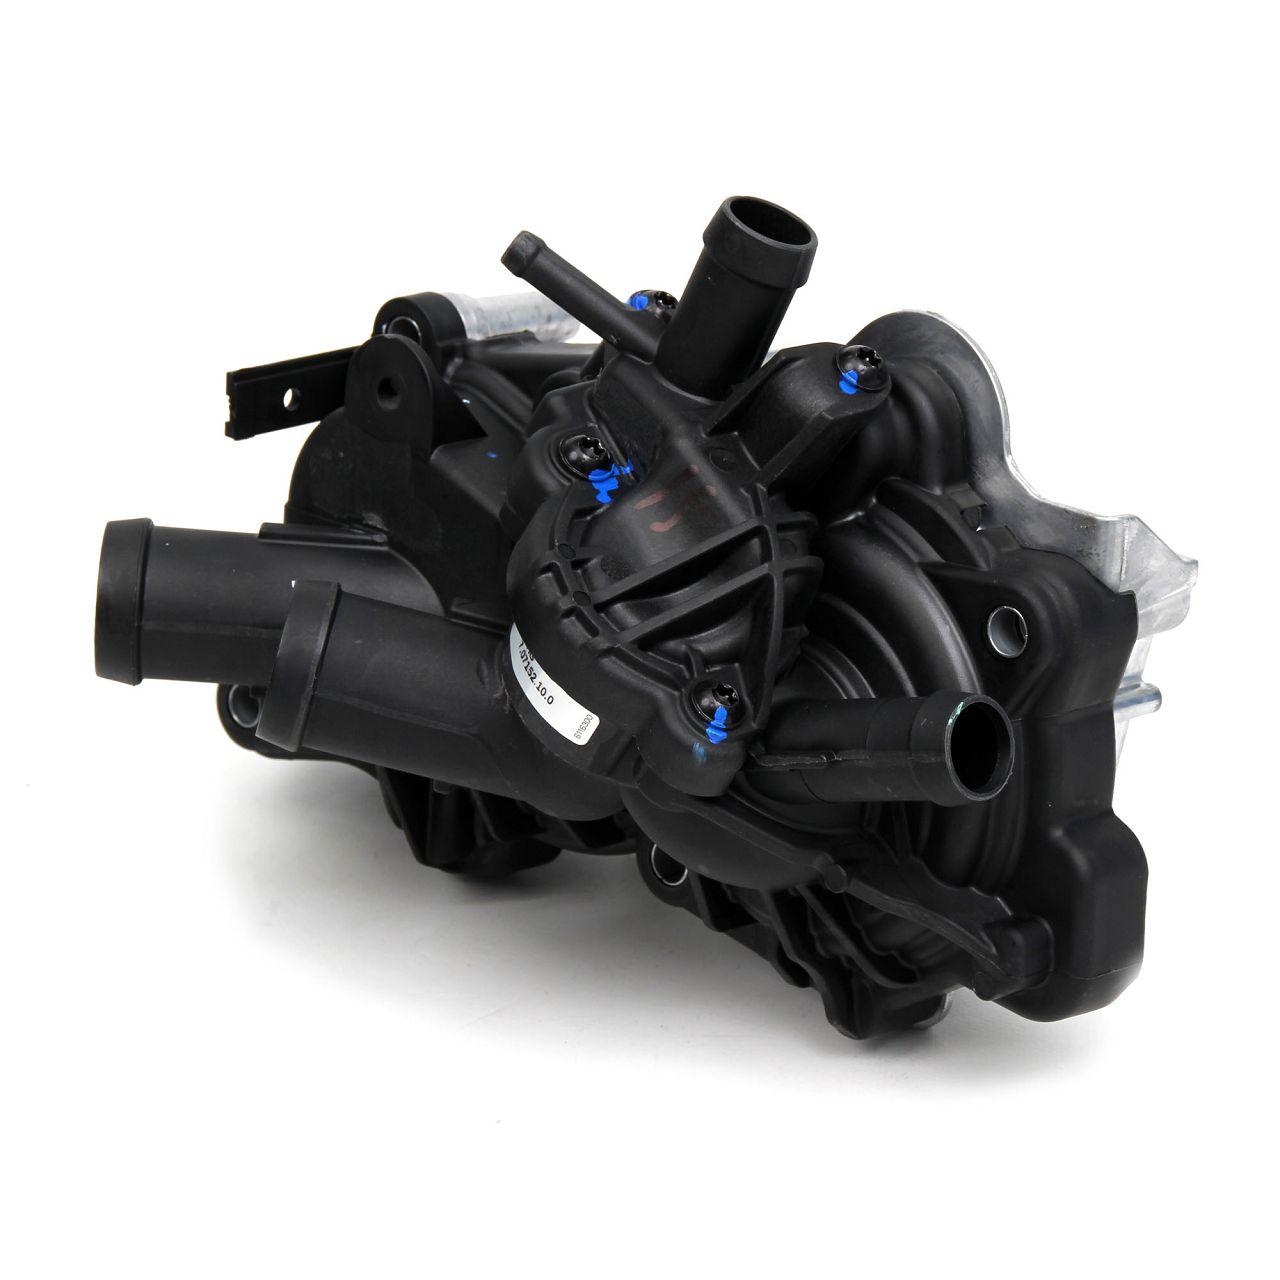 PIERBURG Wasserpumpe + Thermostatgehäuse für AUDI SEAT SKODA VW 1.0/1.2/1.4 TSI